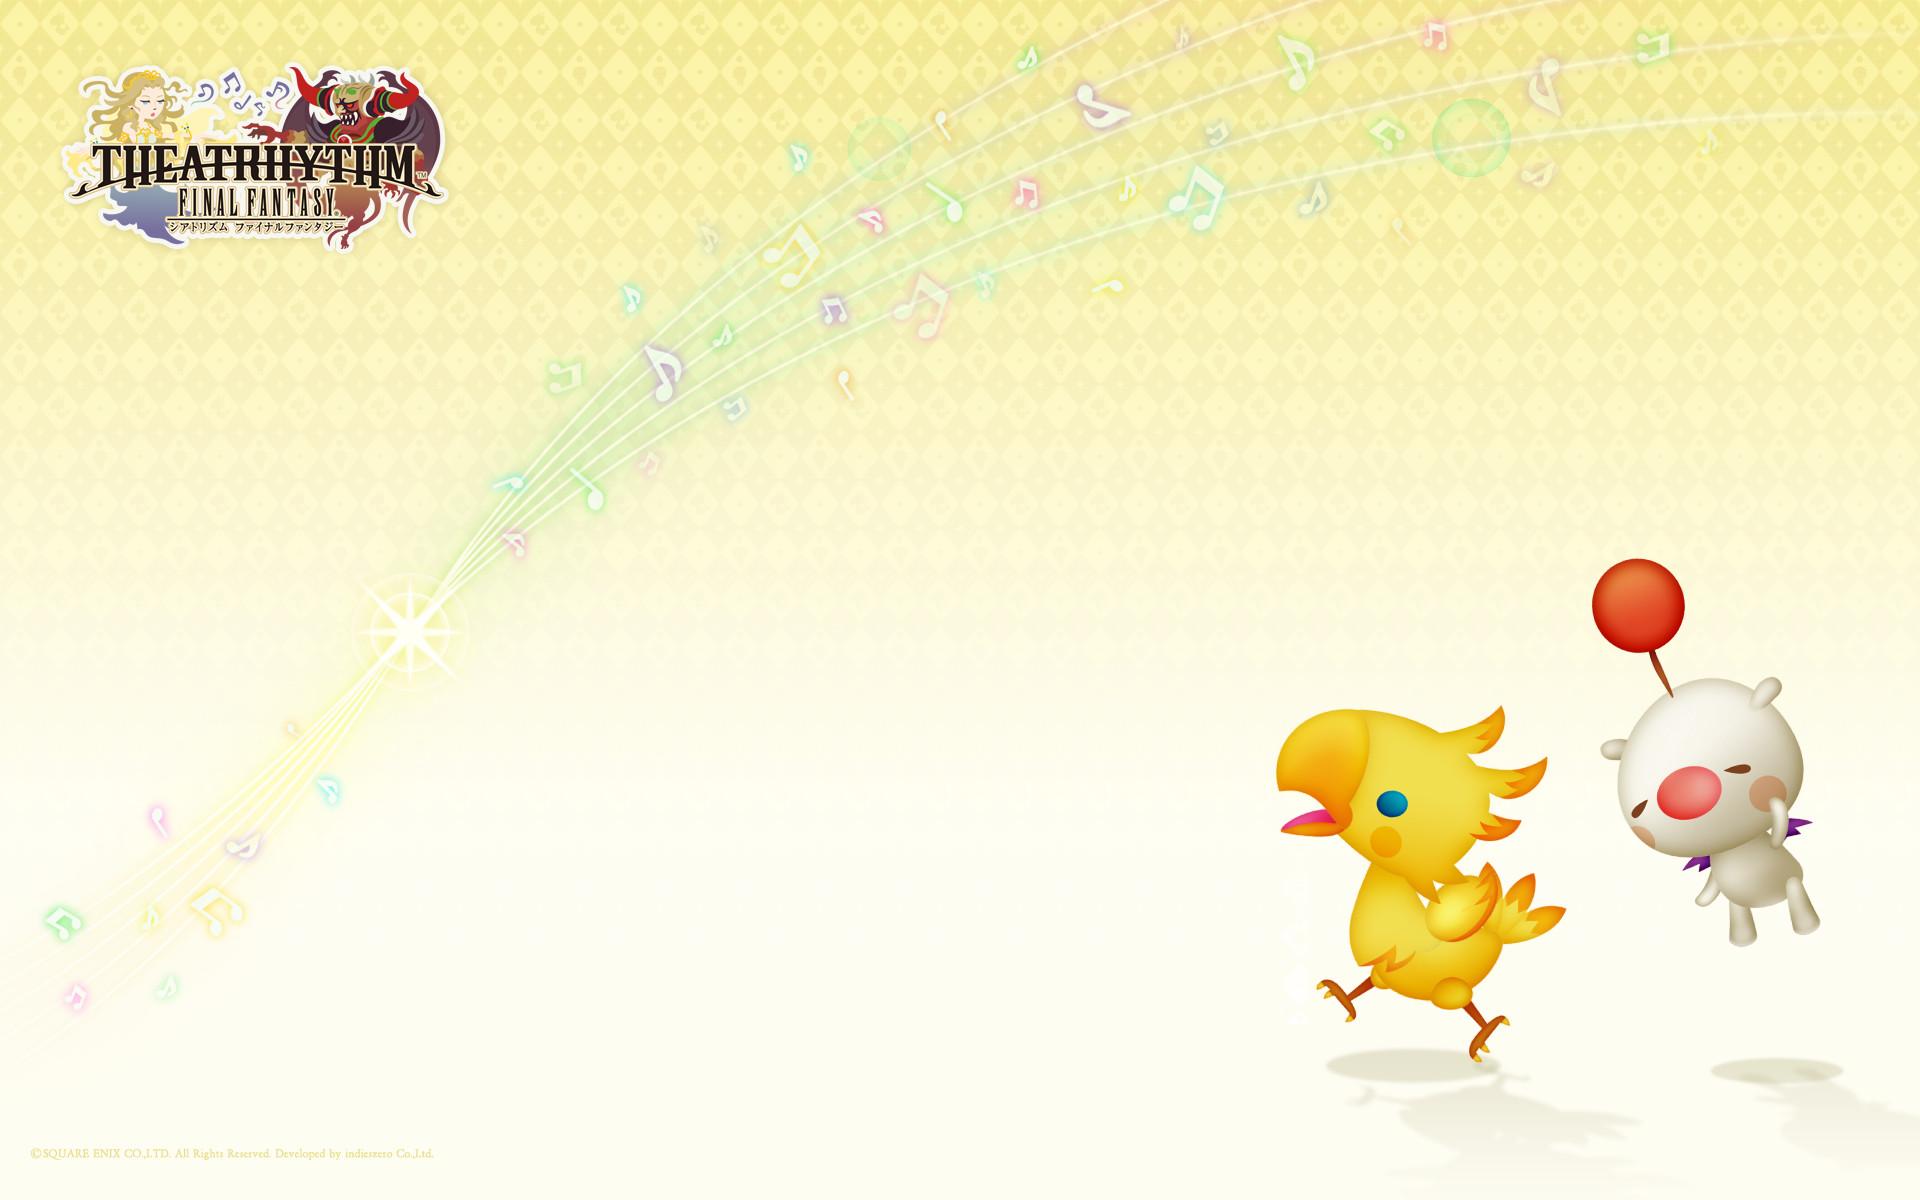 Theatrhythm: Final Fantasy · download Theatrhythm: Final Fantasy image